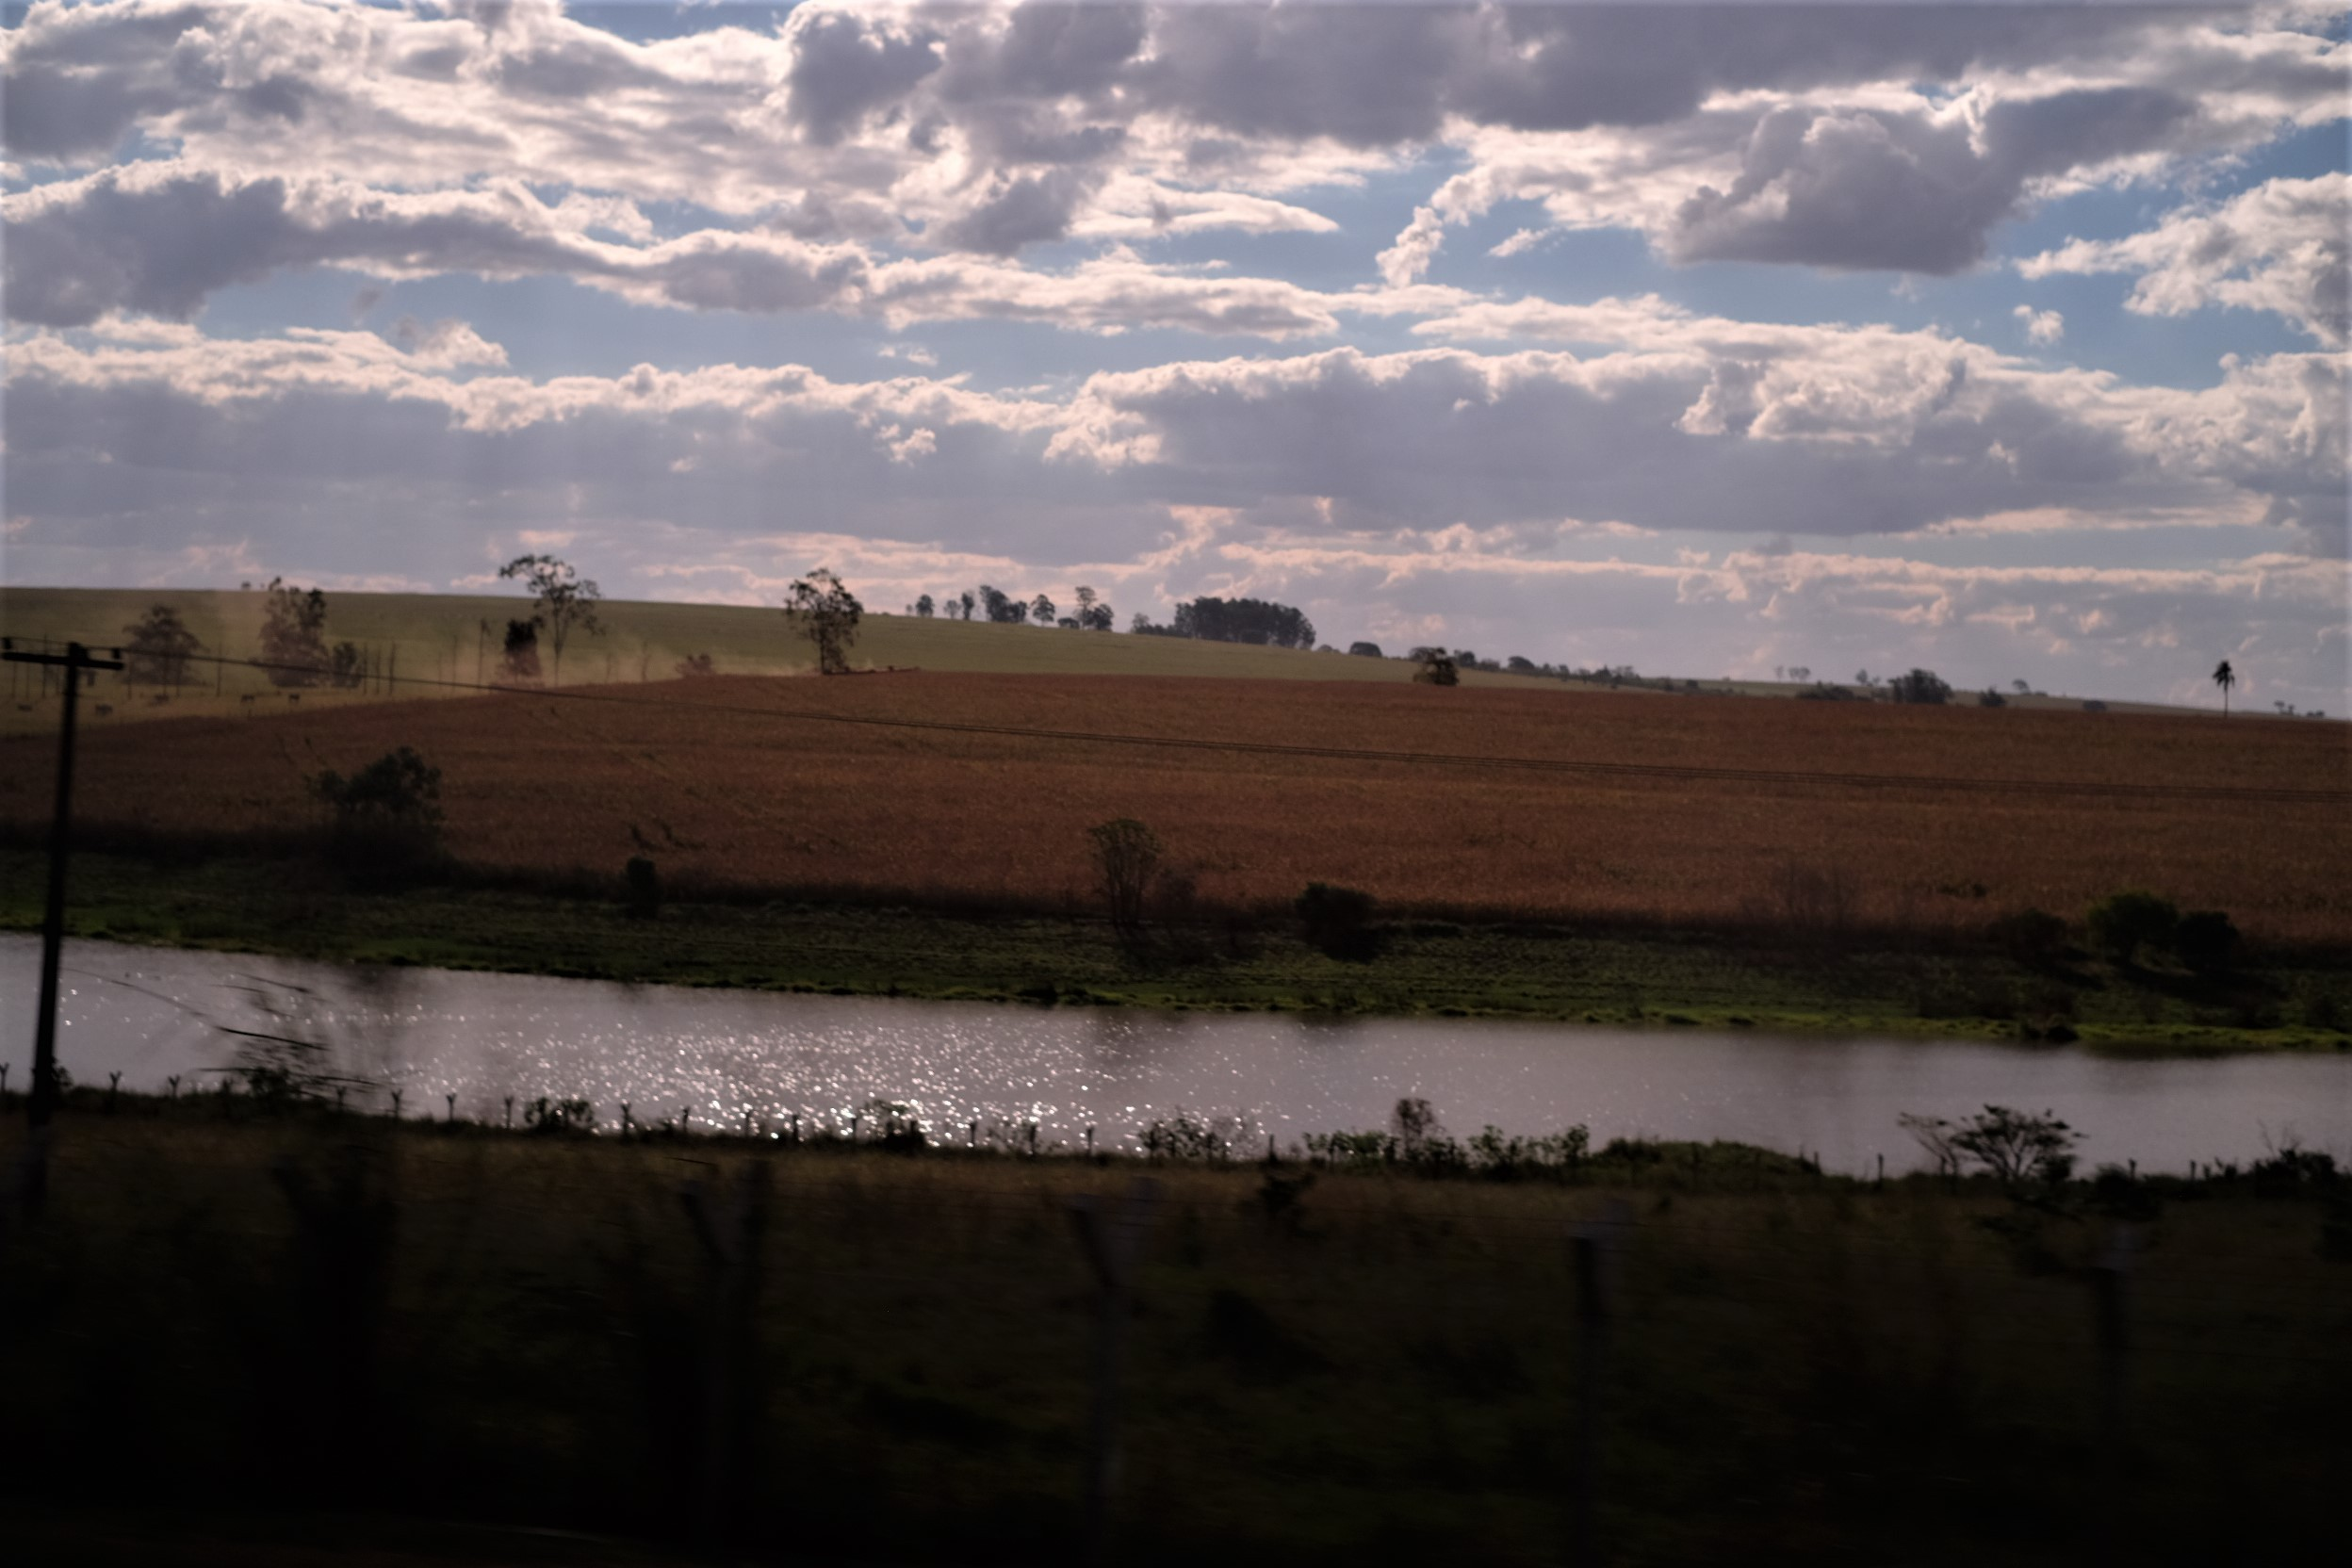 Imagens captadas em um fim de tarde a bordo de um ônibus para Maringá